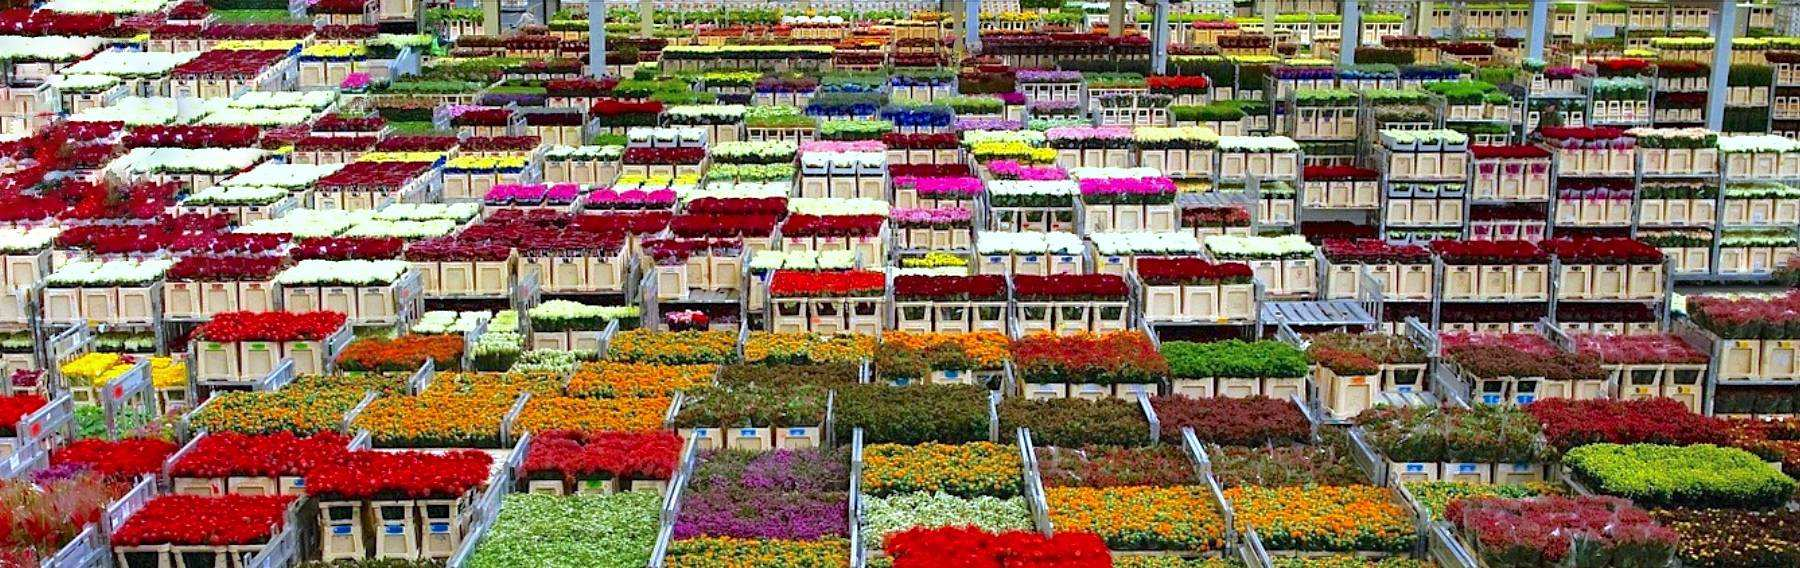 Букеты, поставки цветов оптом из голландии без посредников цены чат